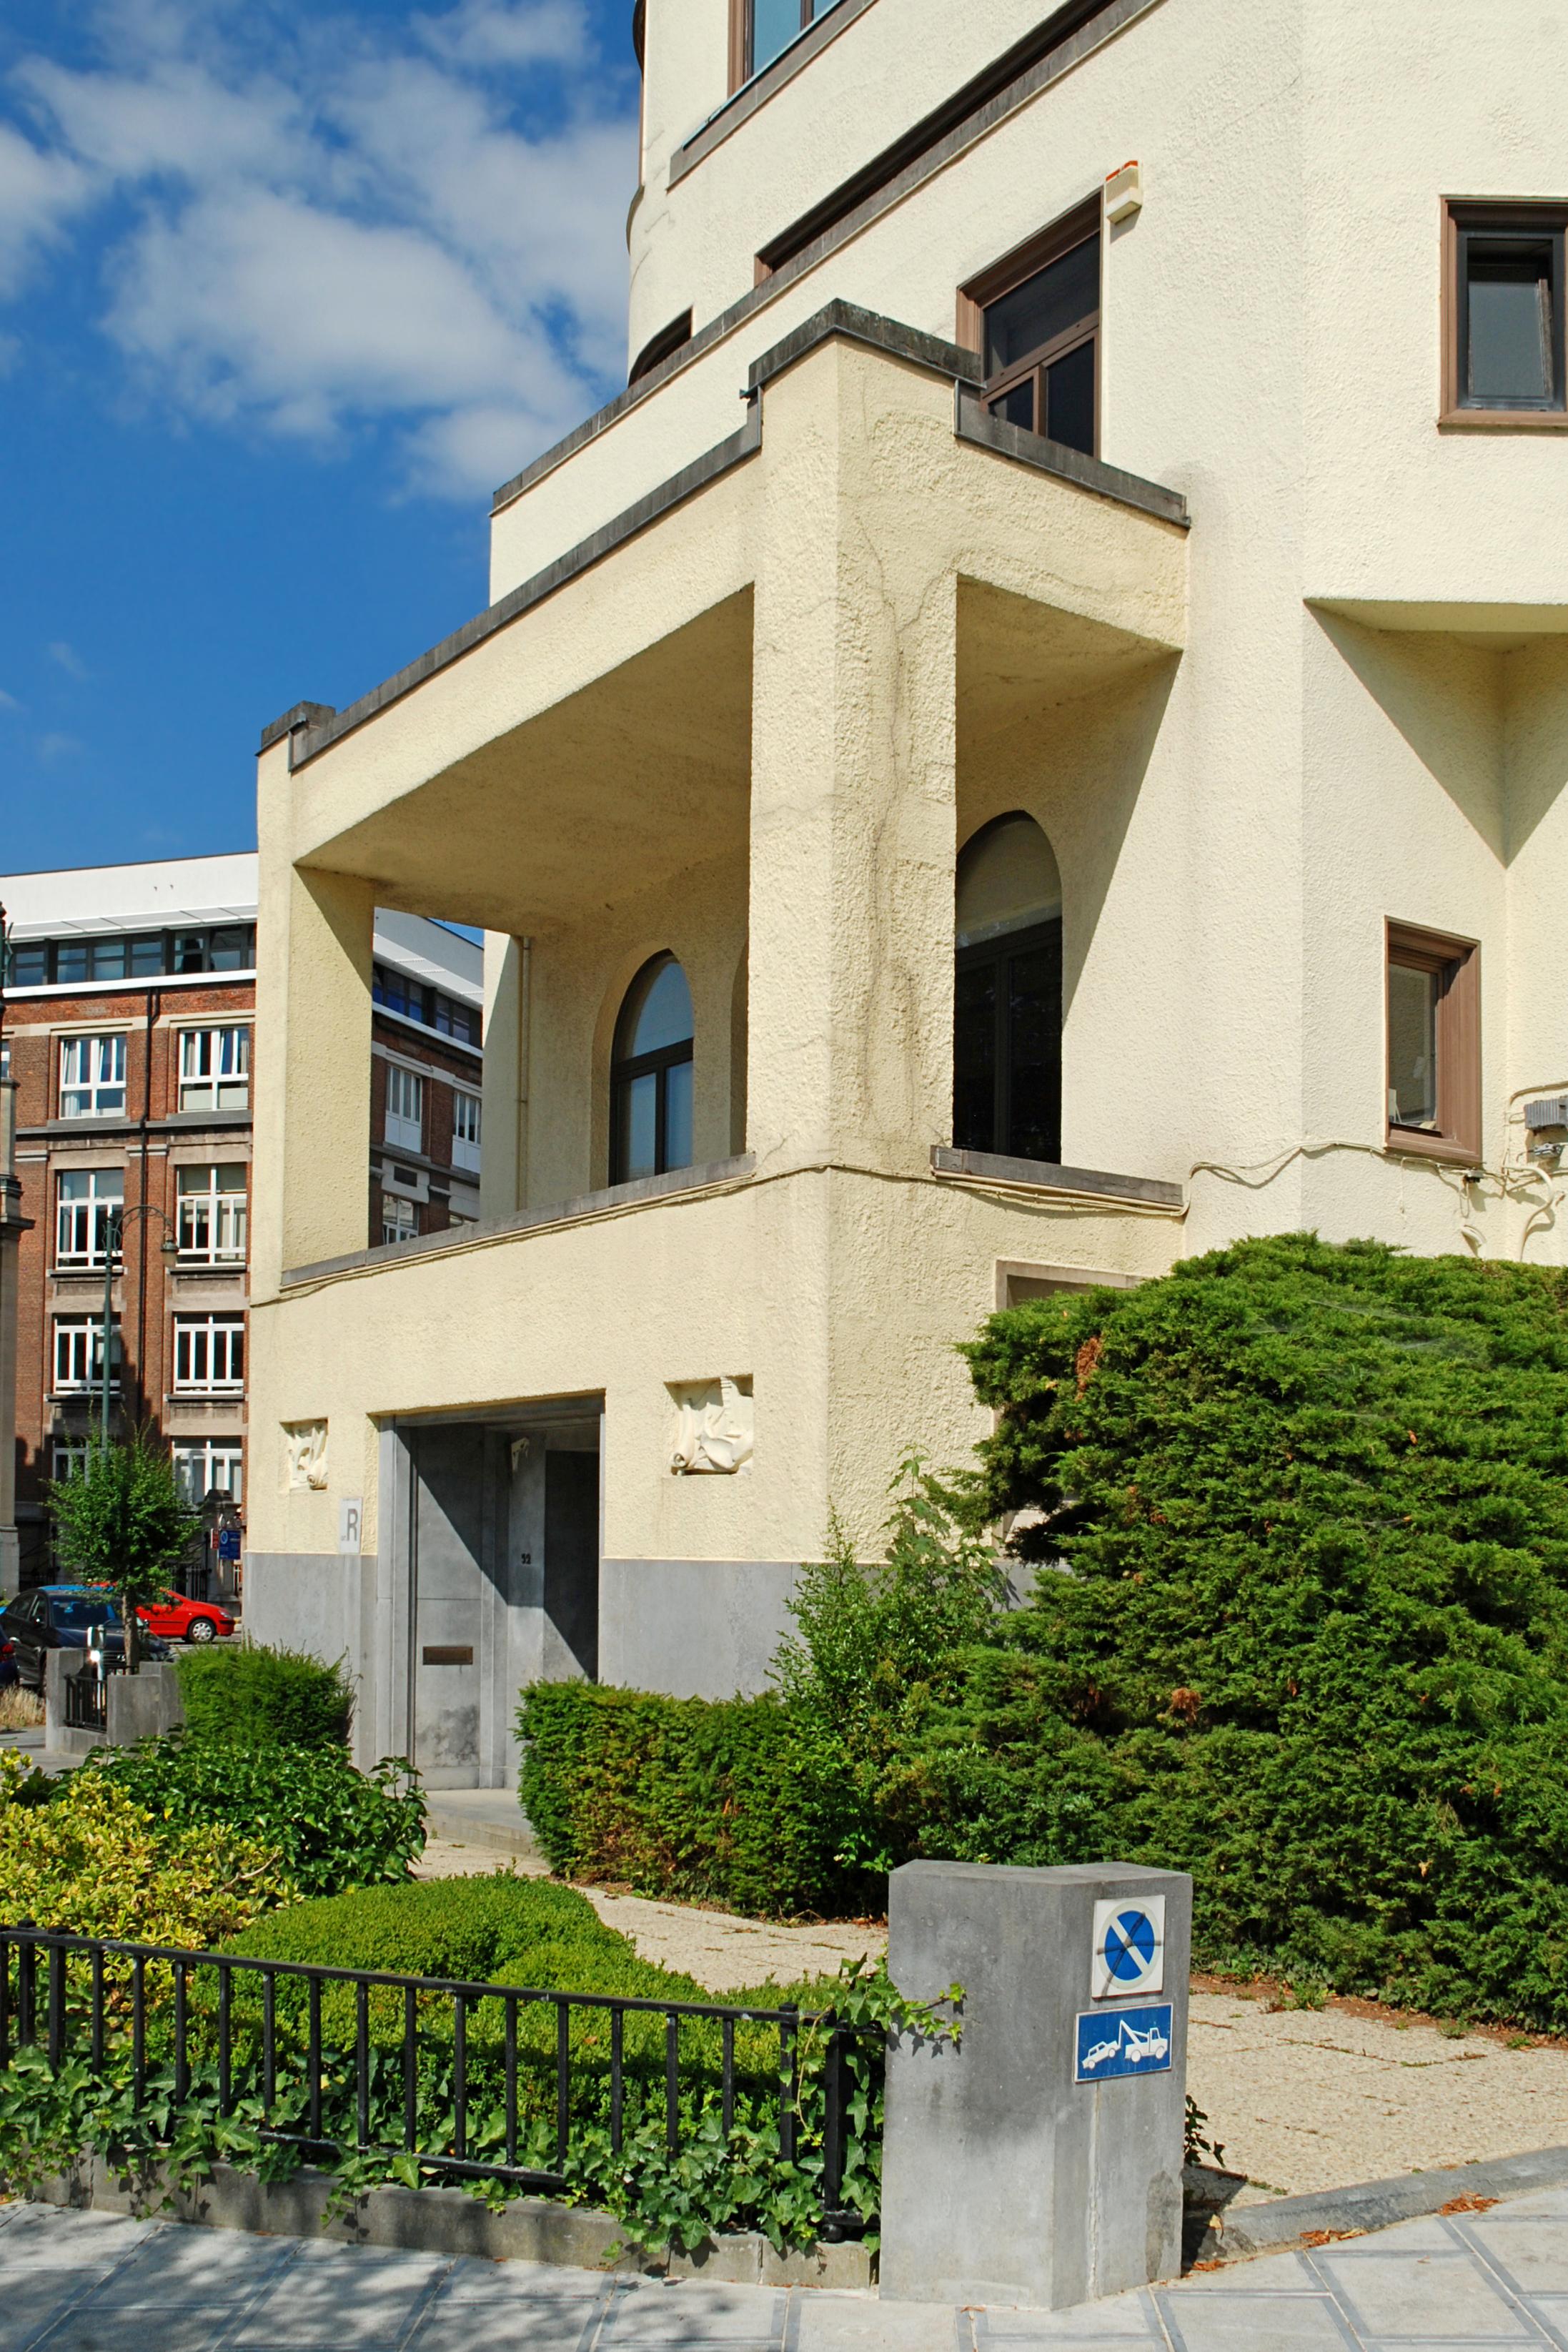 File:Belgique - Bruxelles - Maison Blomme - 05.jpg ...